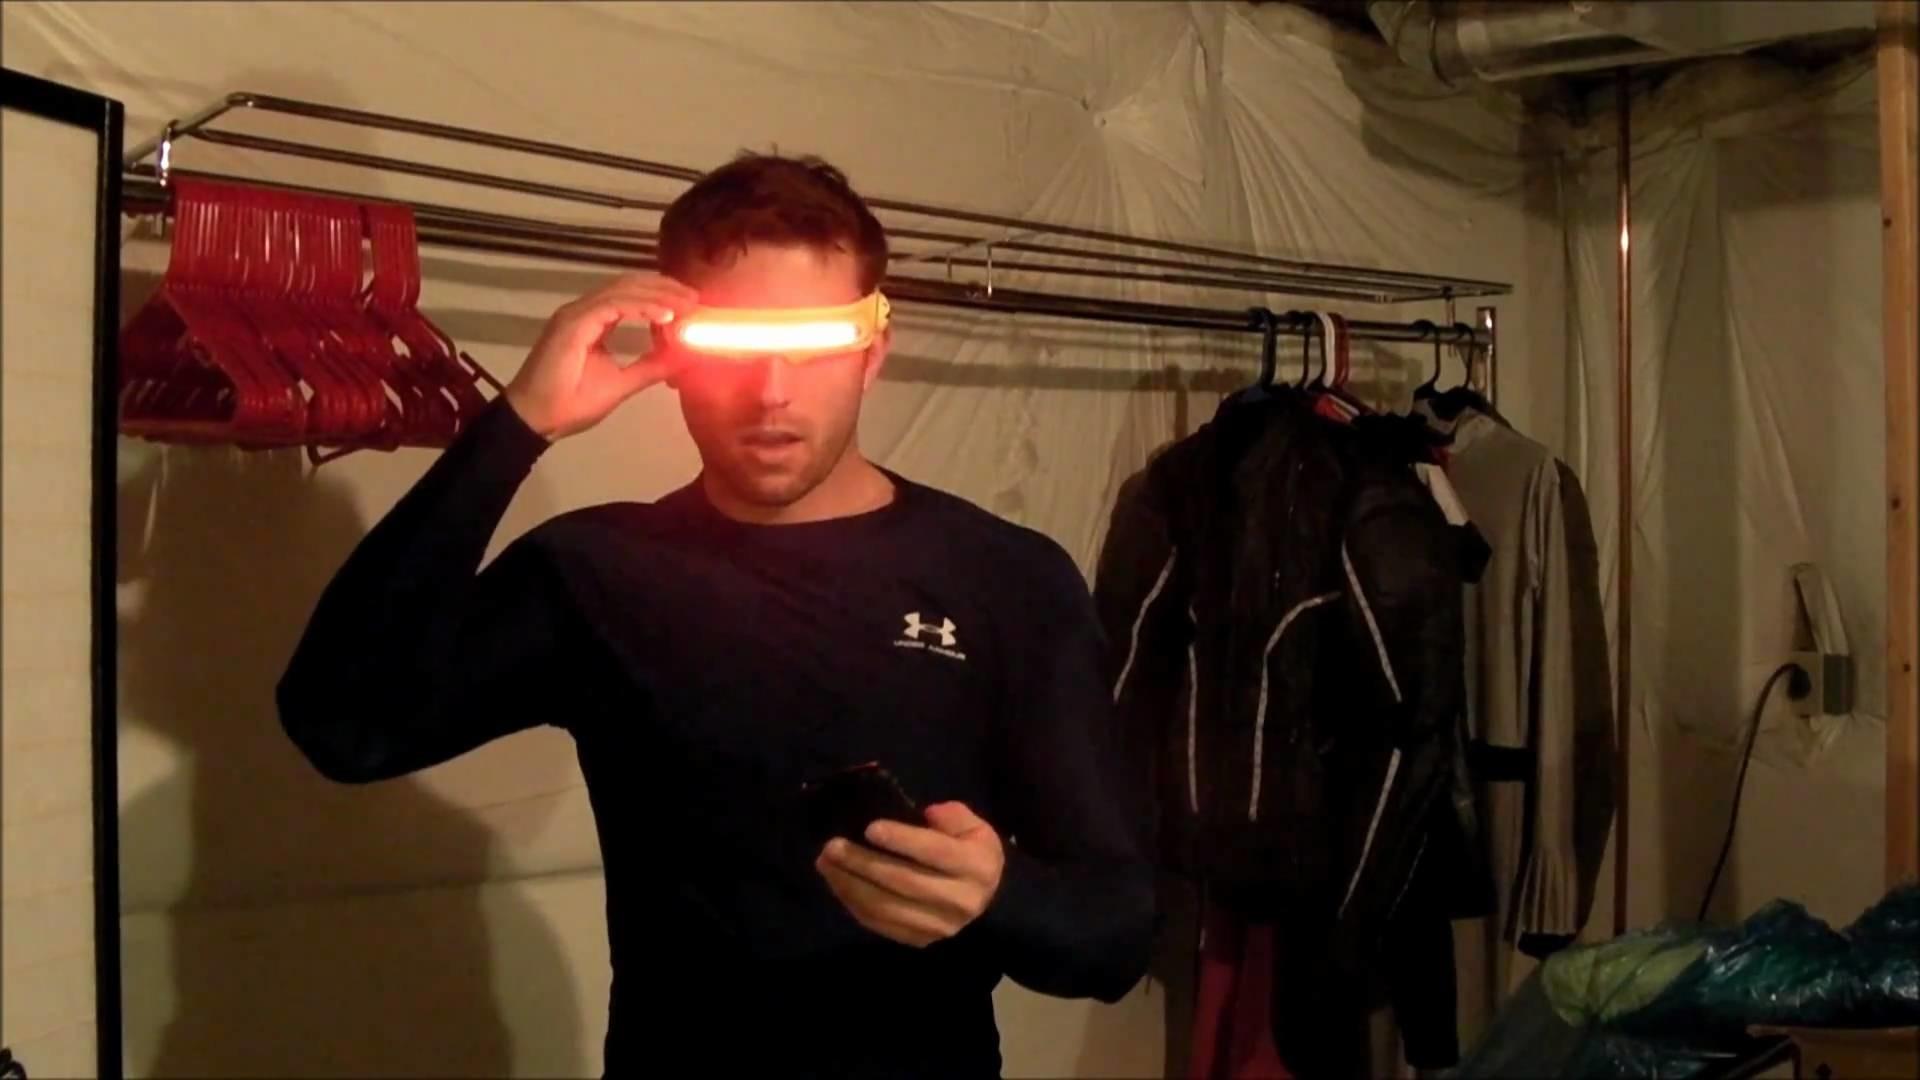 X-Men Cyclops Visor - Cosplay